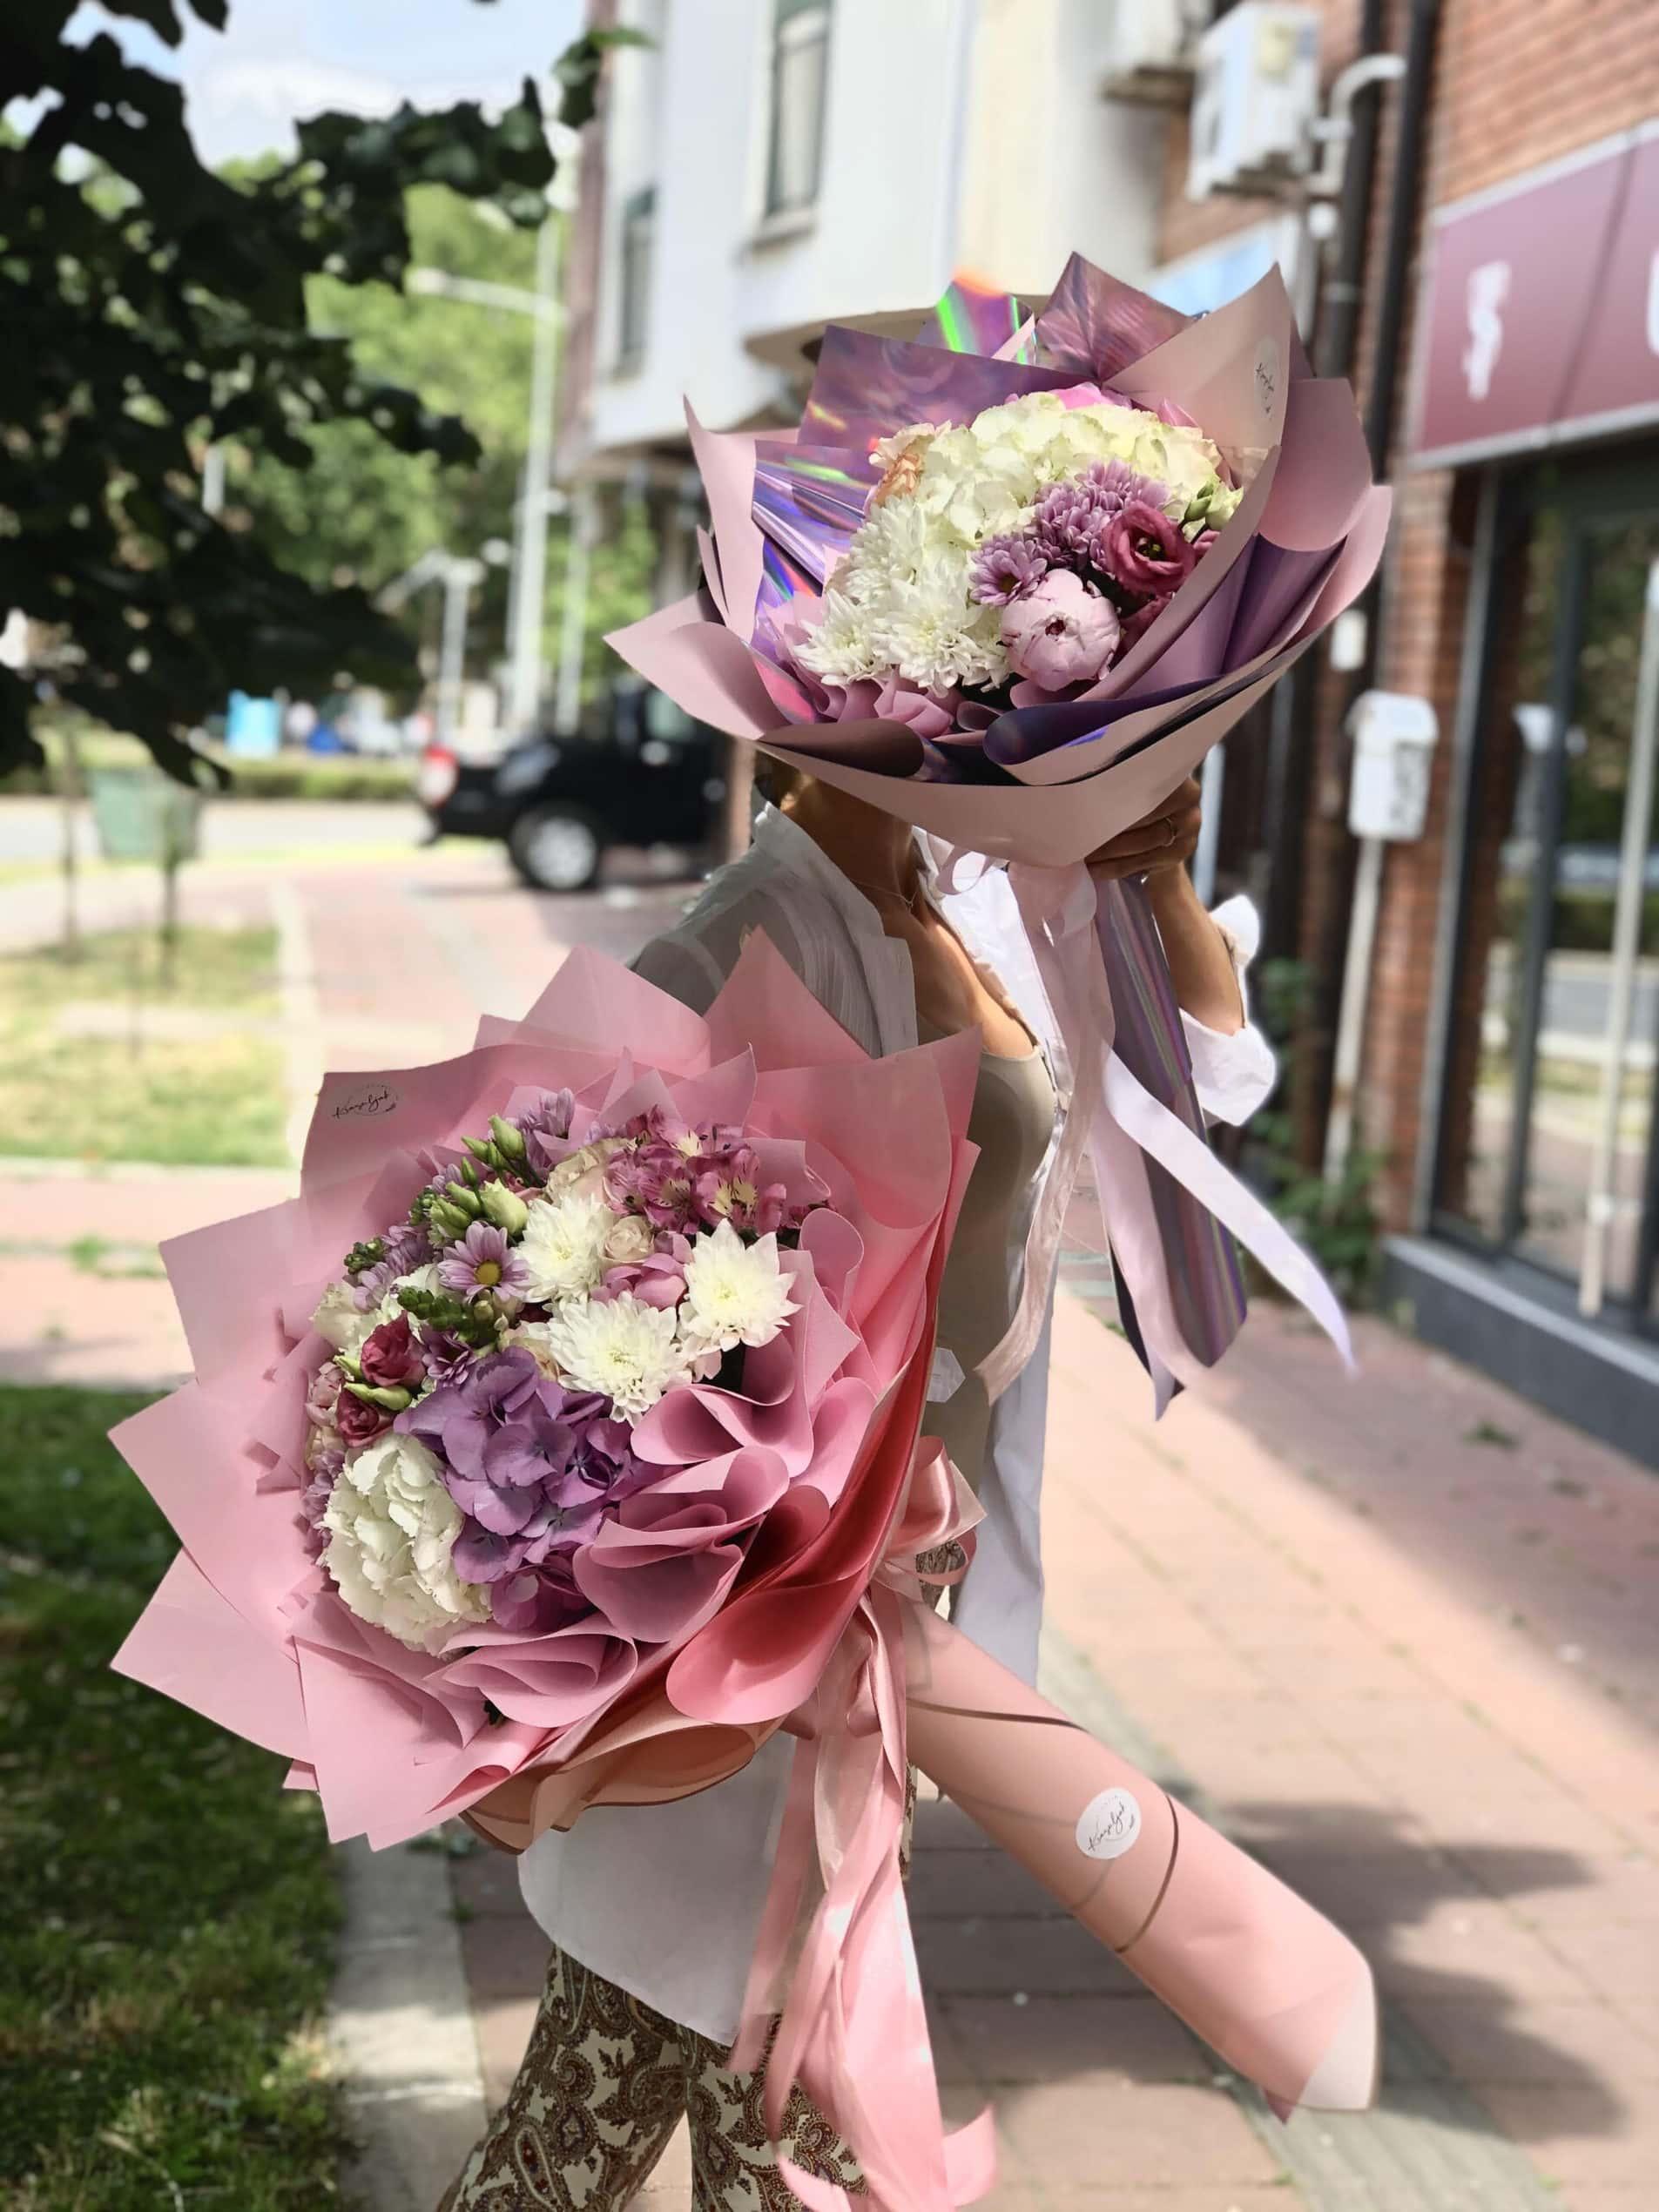 Cveće - šareni buketi, roze i ljubičasto cveće, ukrasni papir, cvećara